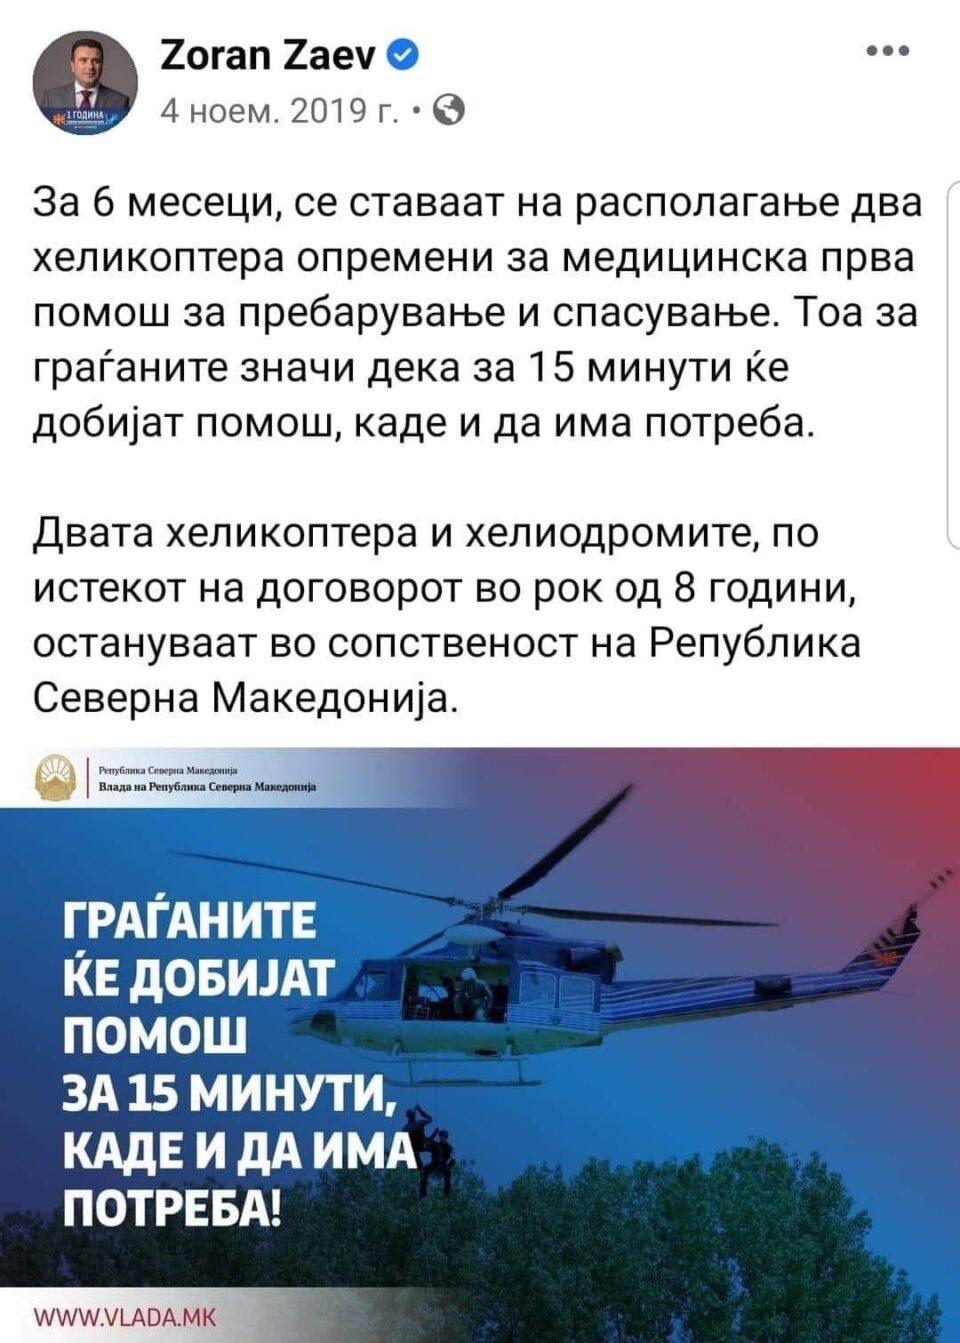 Заев ветуваше хеликоптери за прва помош, но тој си лета со хеликоптерот на трошок на граѓаните